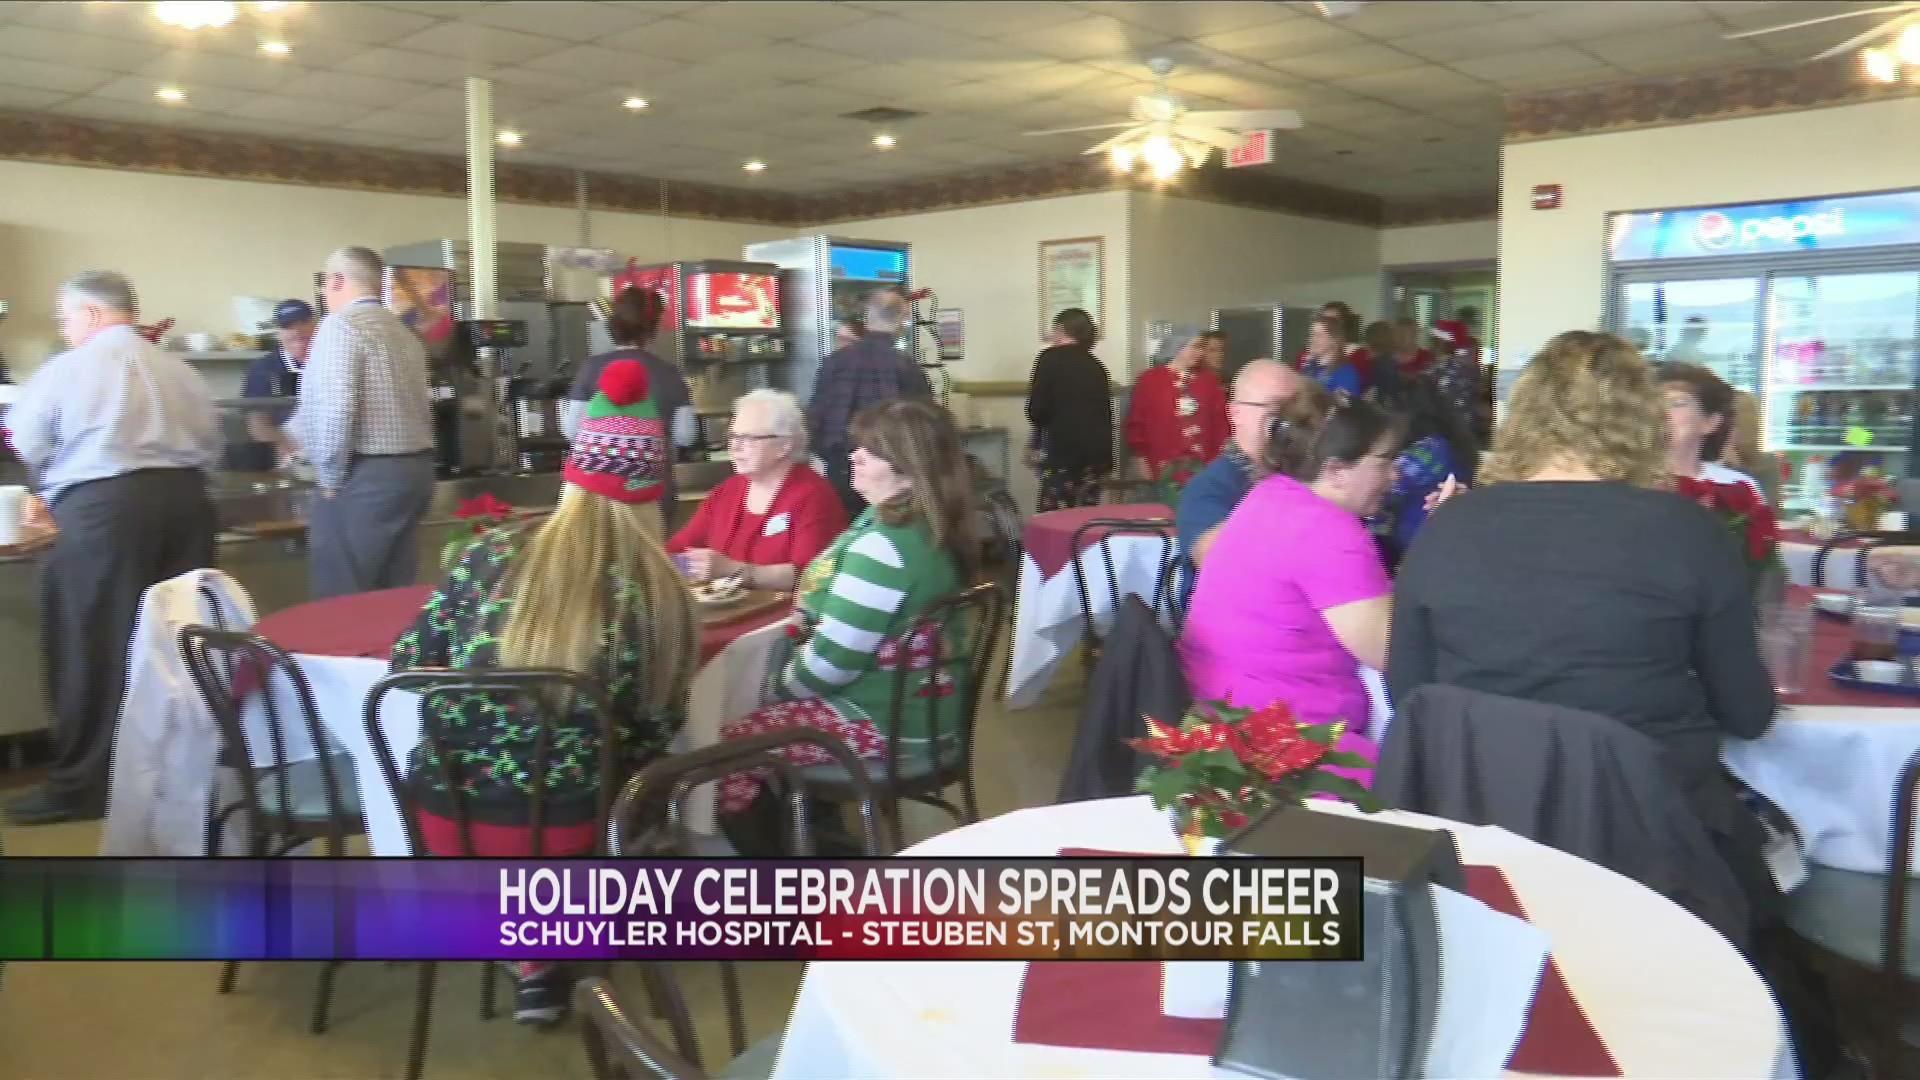 Spreading_holiday_cheer_at_Schuyler_Hosp_0_20181220001015